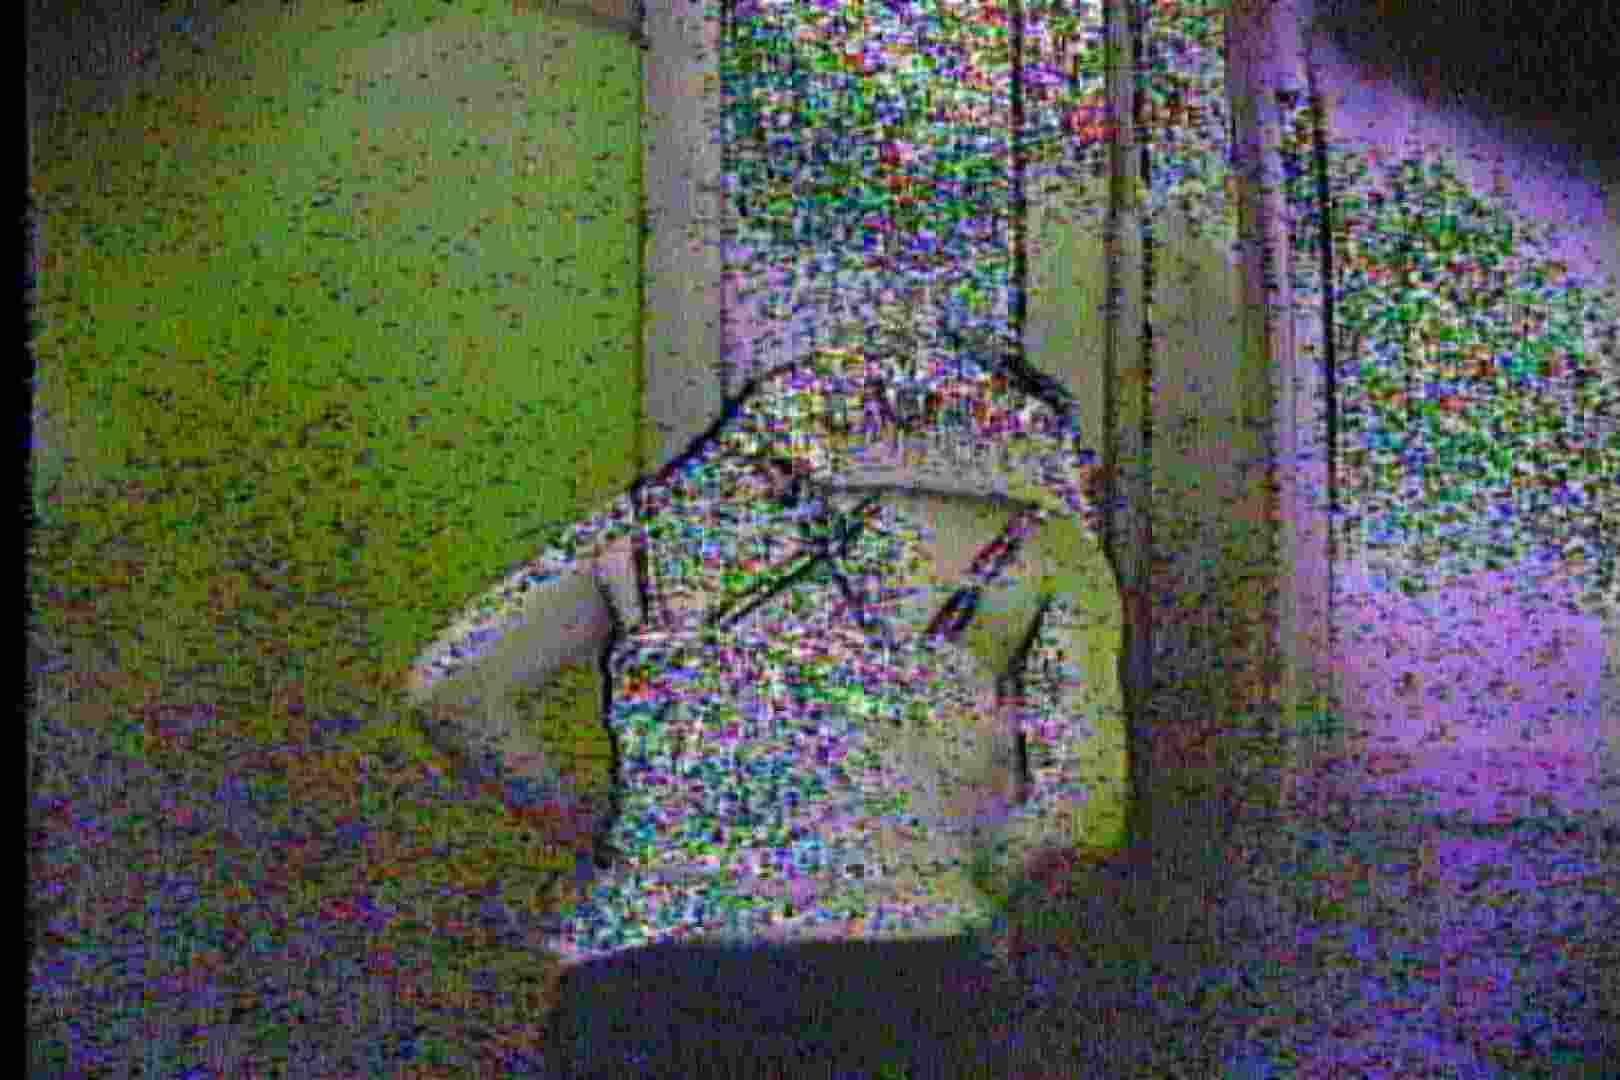 海の家の更衣室 Vol.17 OLのボディ | 美女のボディ  94PIX 10